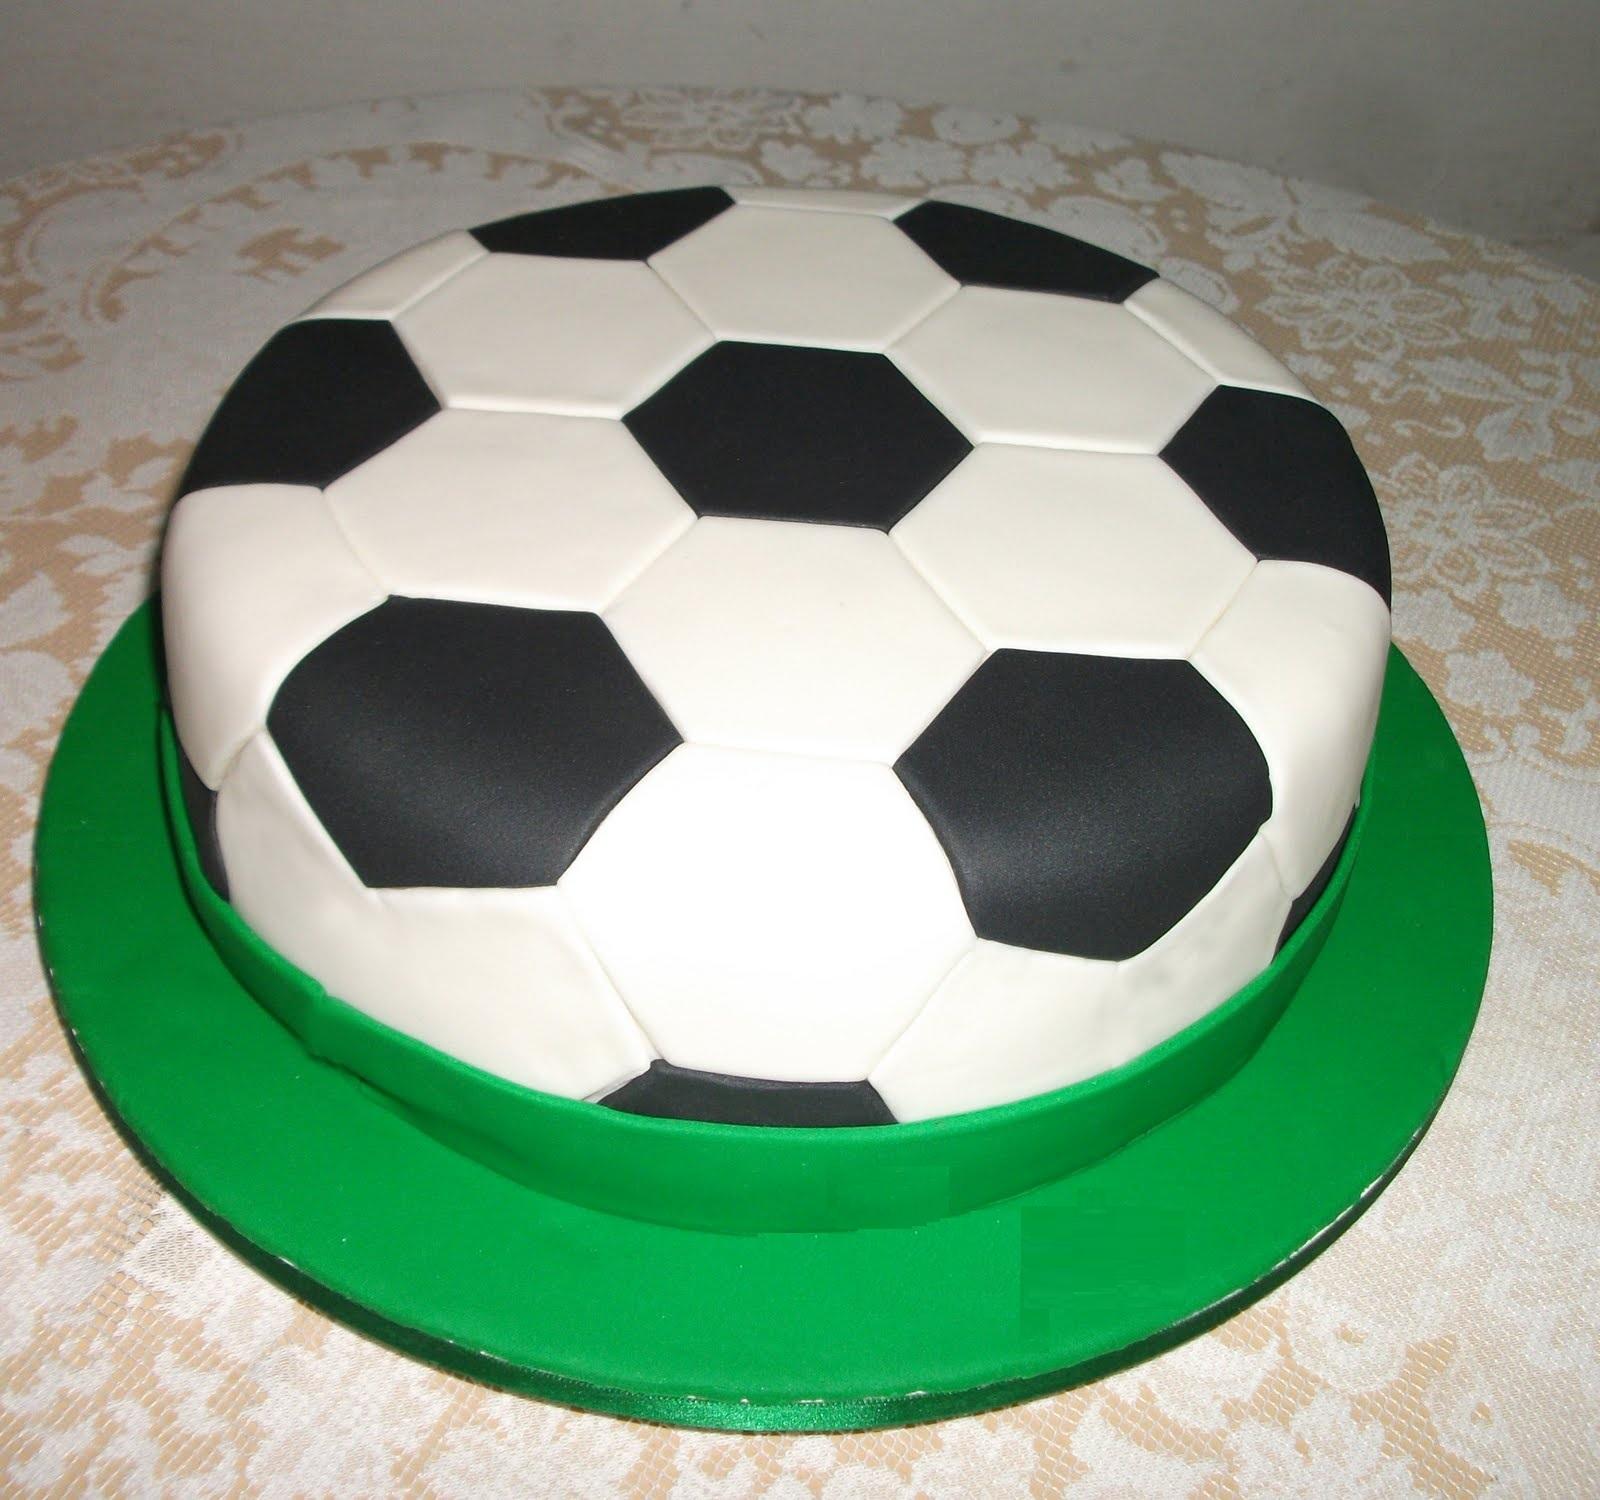 http://taniahbt.blogspot.com.br/2013/02/bolos-de-futebol.html